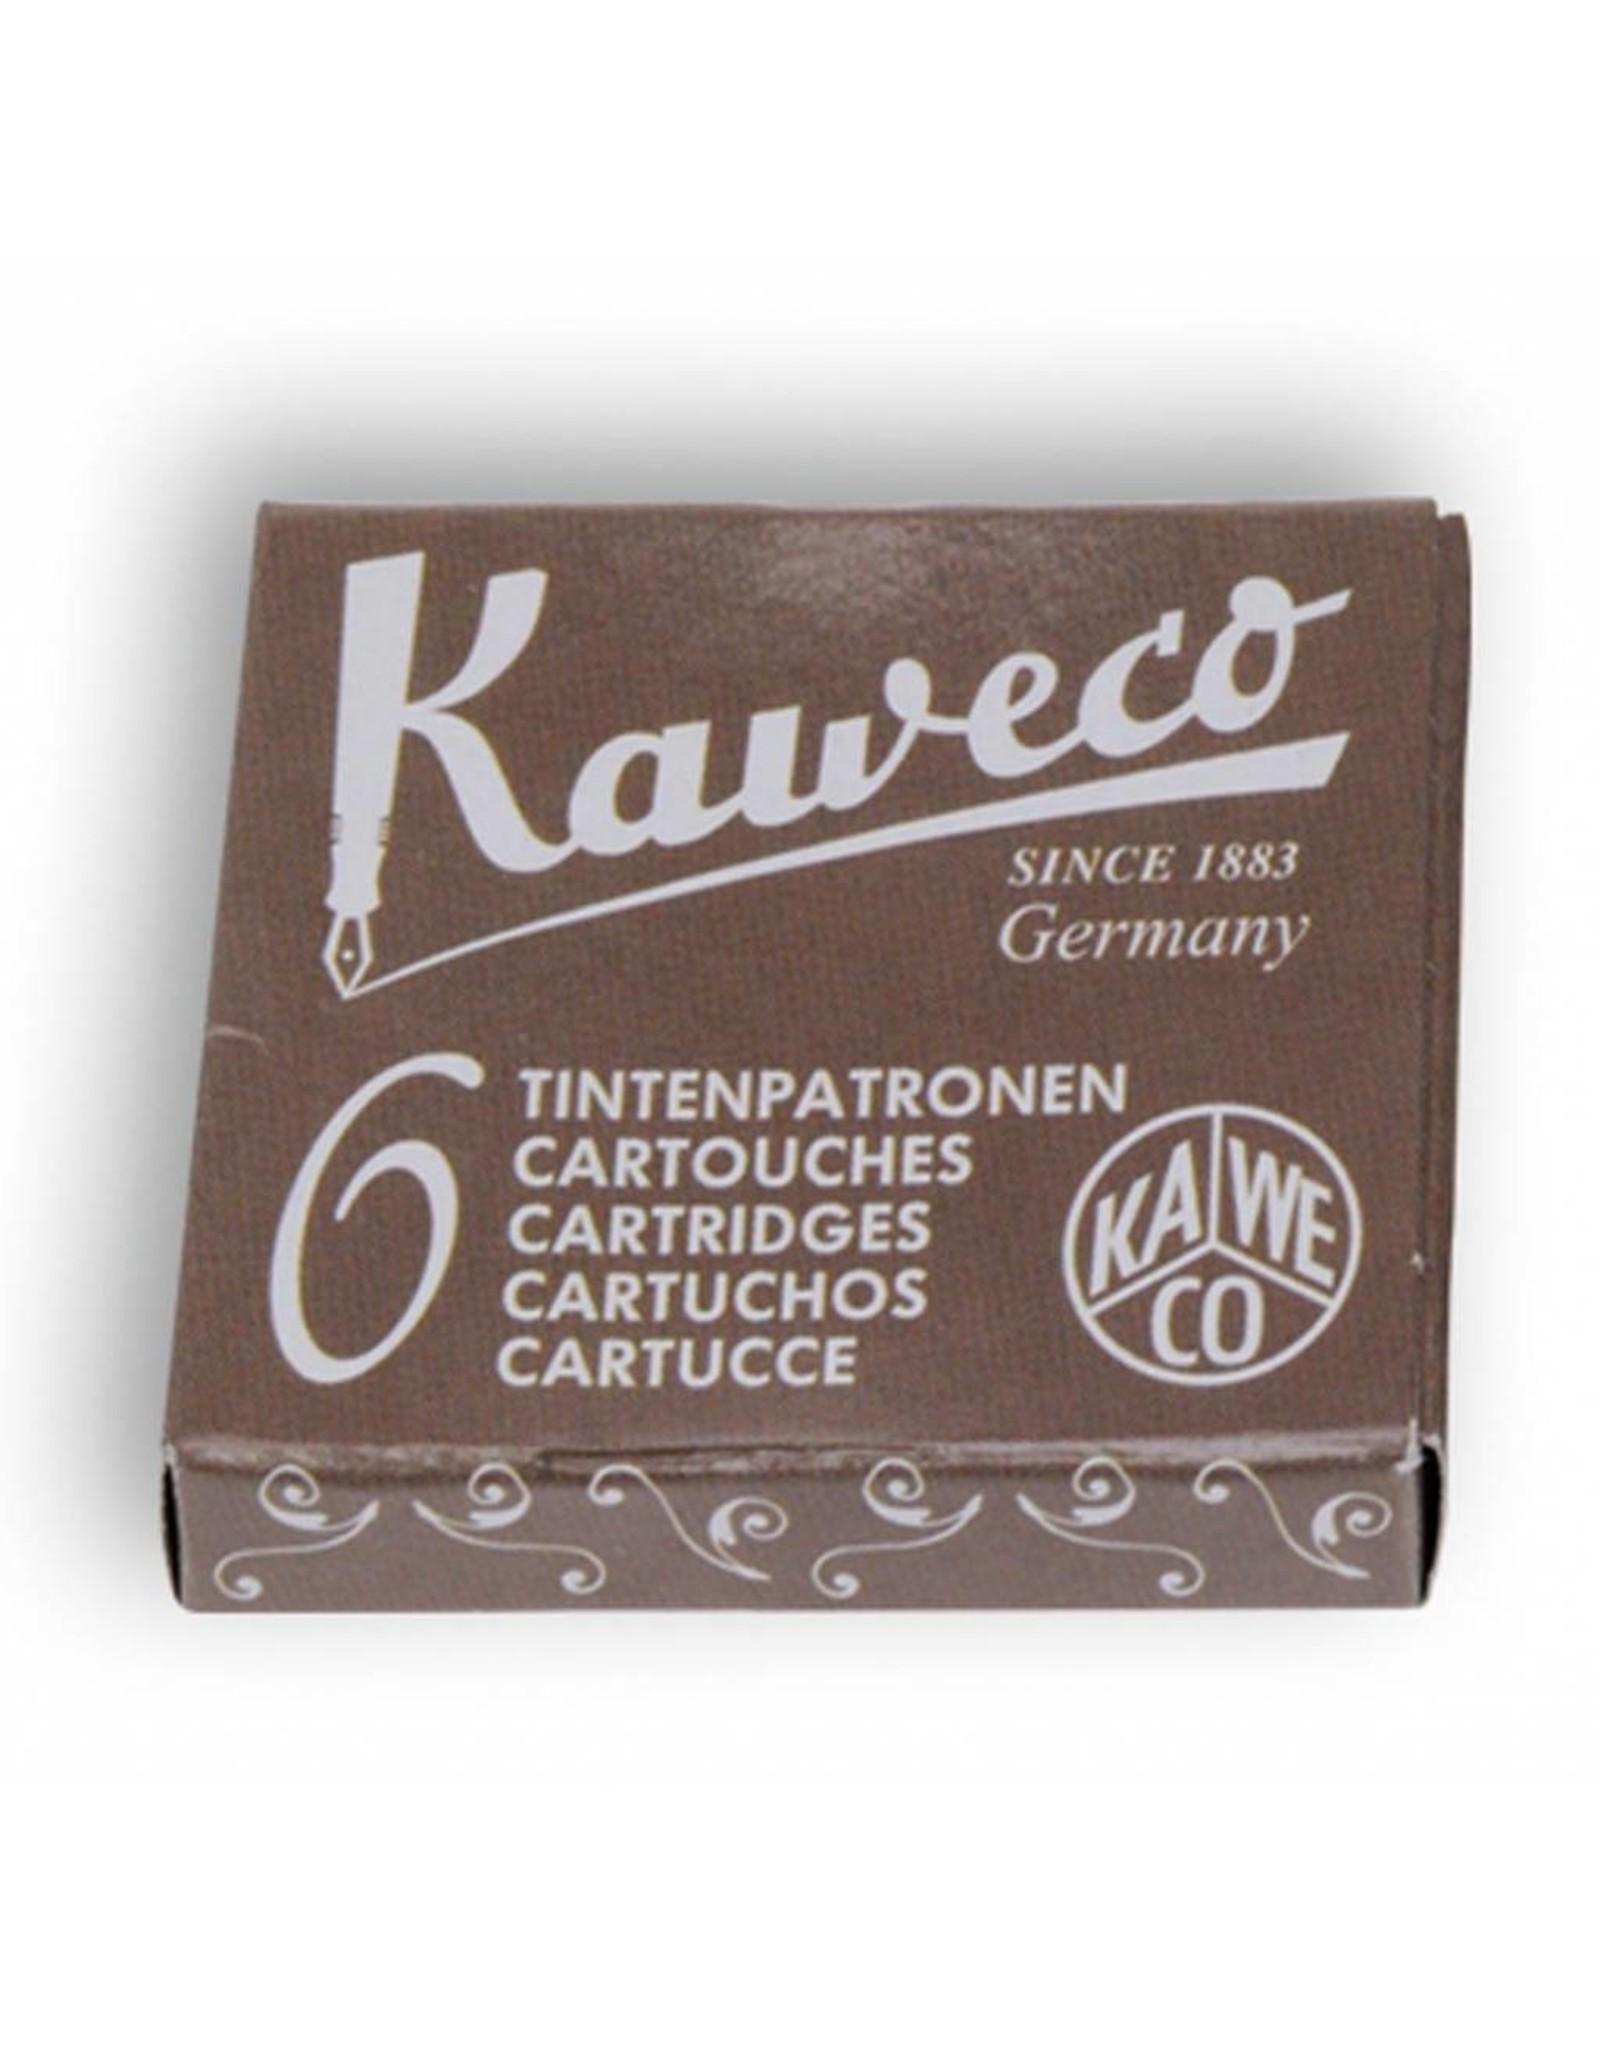 Kaweco vulpen vullingen (6) caramel brown